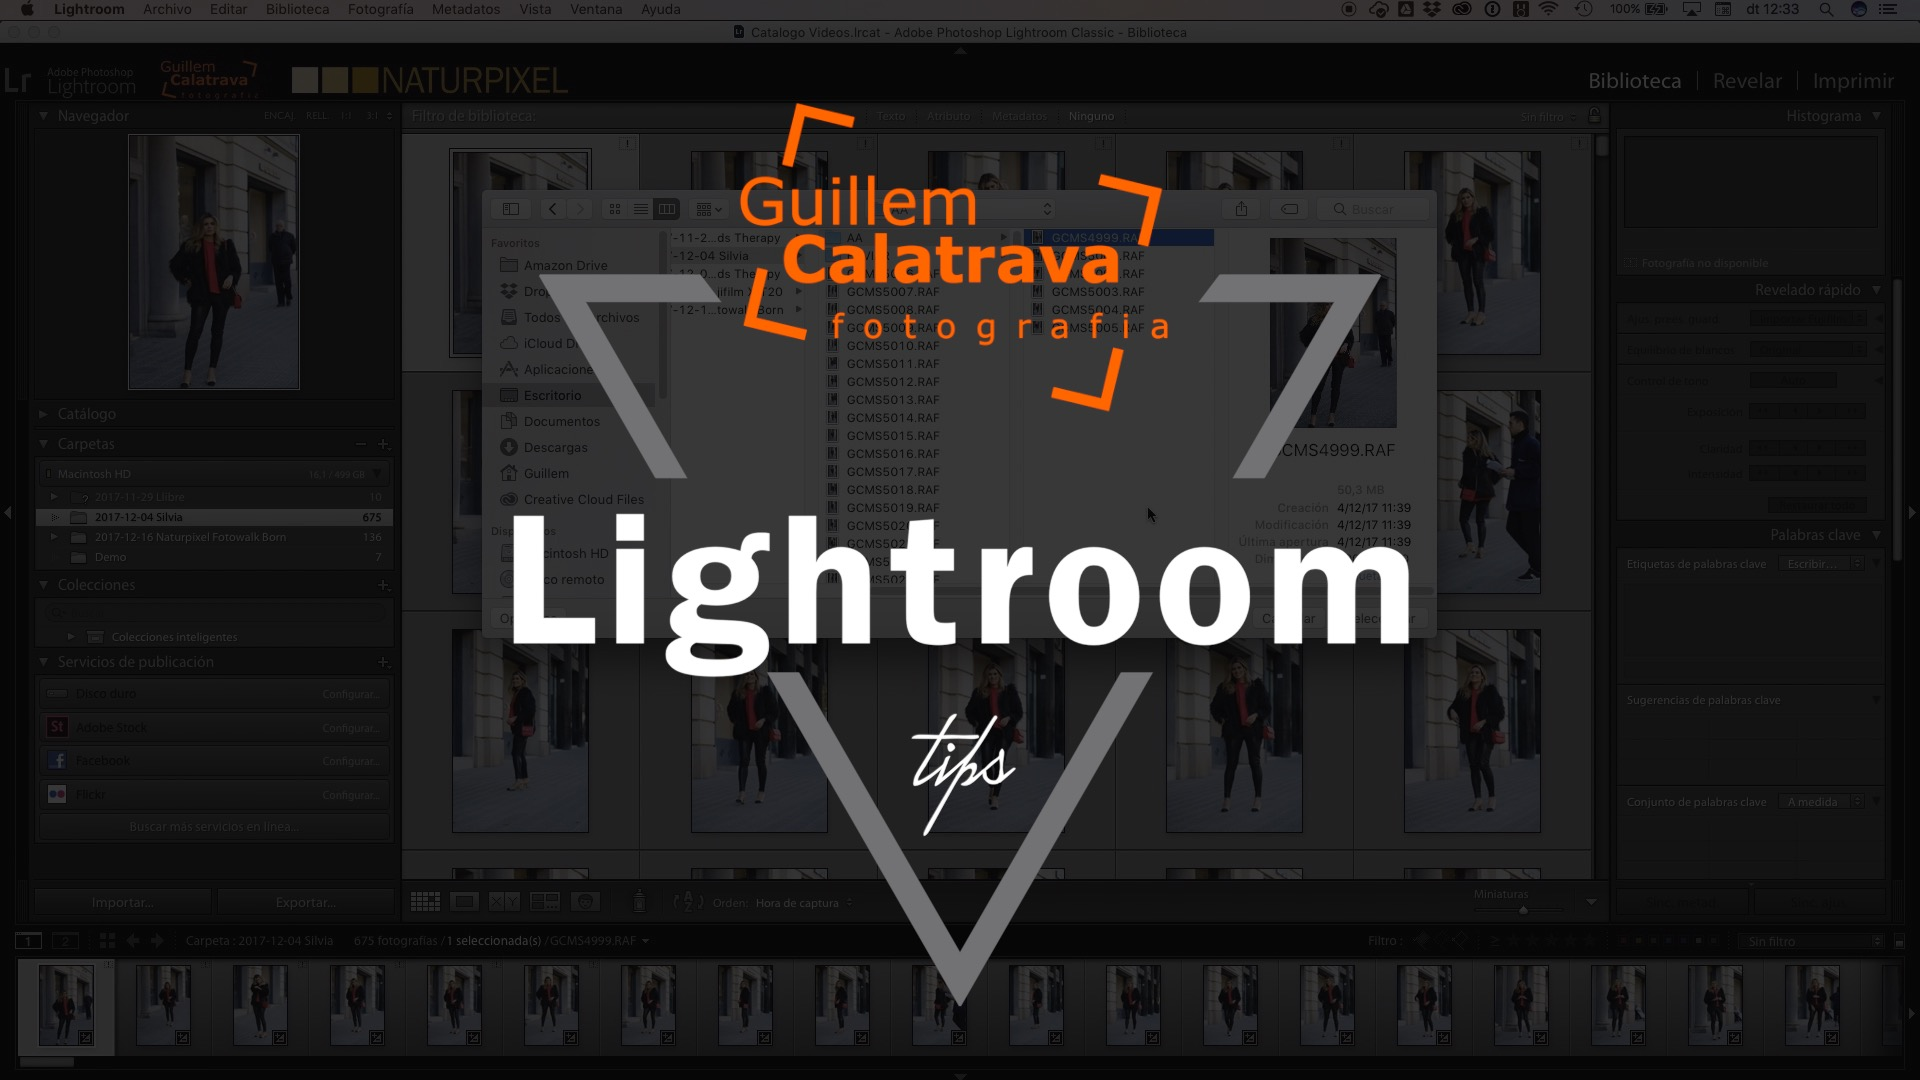 Cómo recuperar imágenes o carpetas perdidas en Lightroom